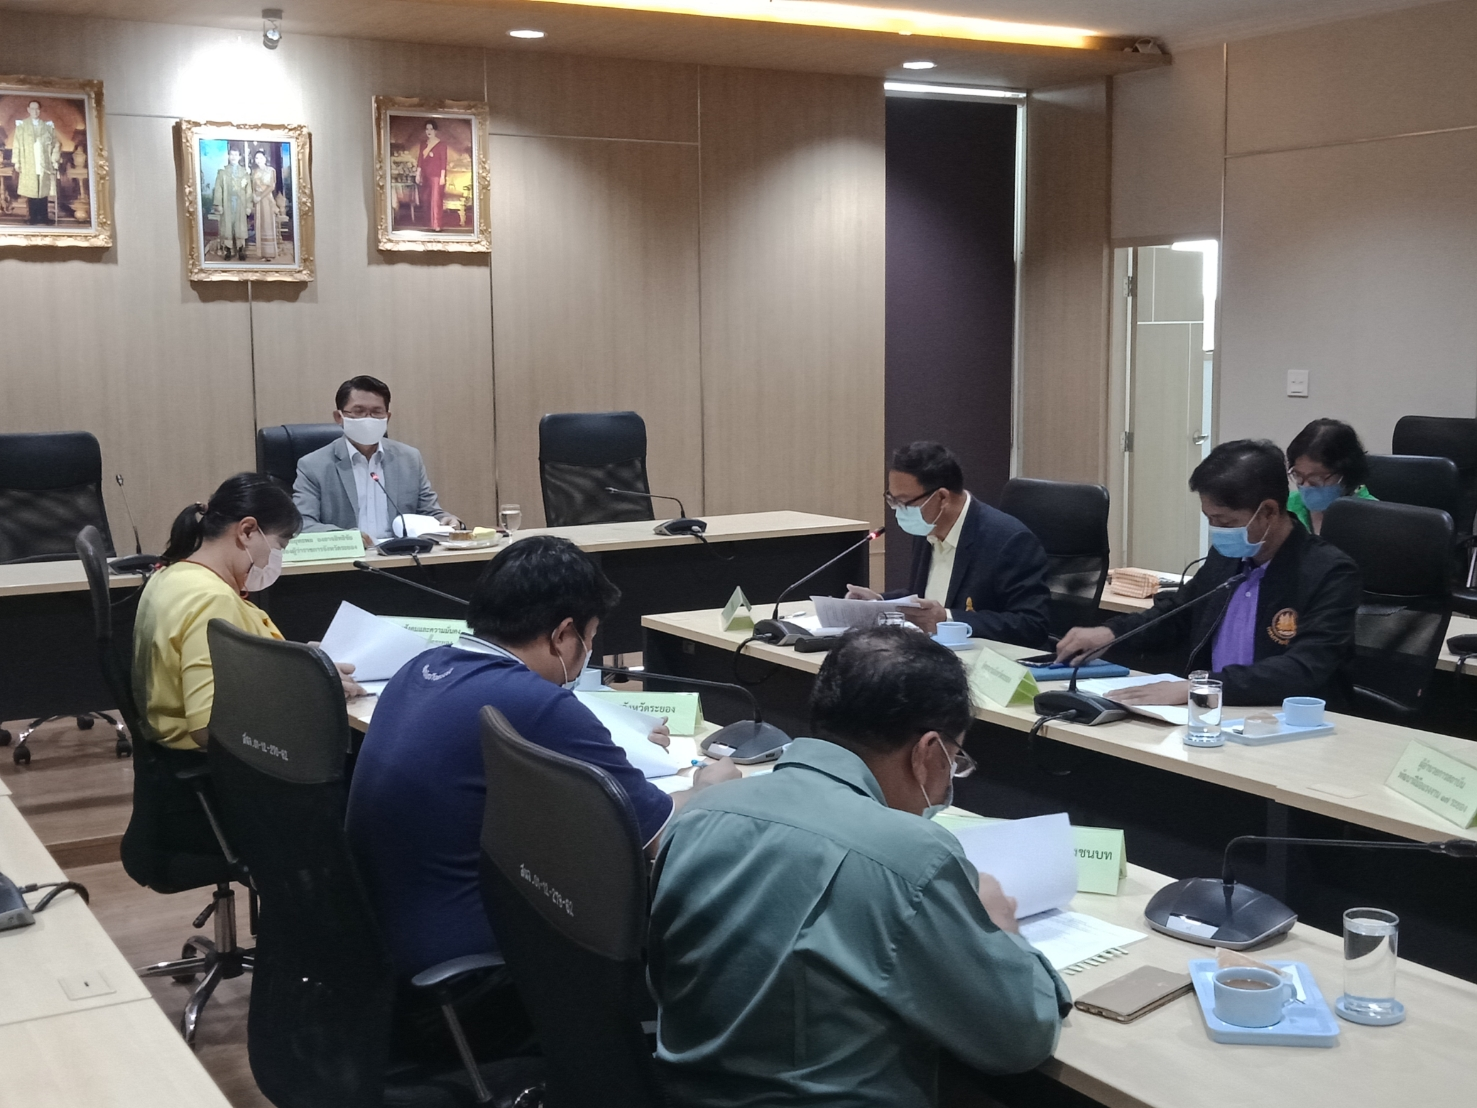 สำนักงานแรงงานจังหวัดระยอง จัดประชุมคณะกรรมการศูนย์ช่วยเหลือผู้ประสบความเดือดร้อนด้านอาชีพ กระทรวงแรงงาน ประจำจังหวัดระยอง ครั้งที่ 2/2563